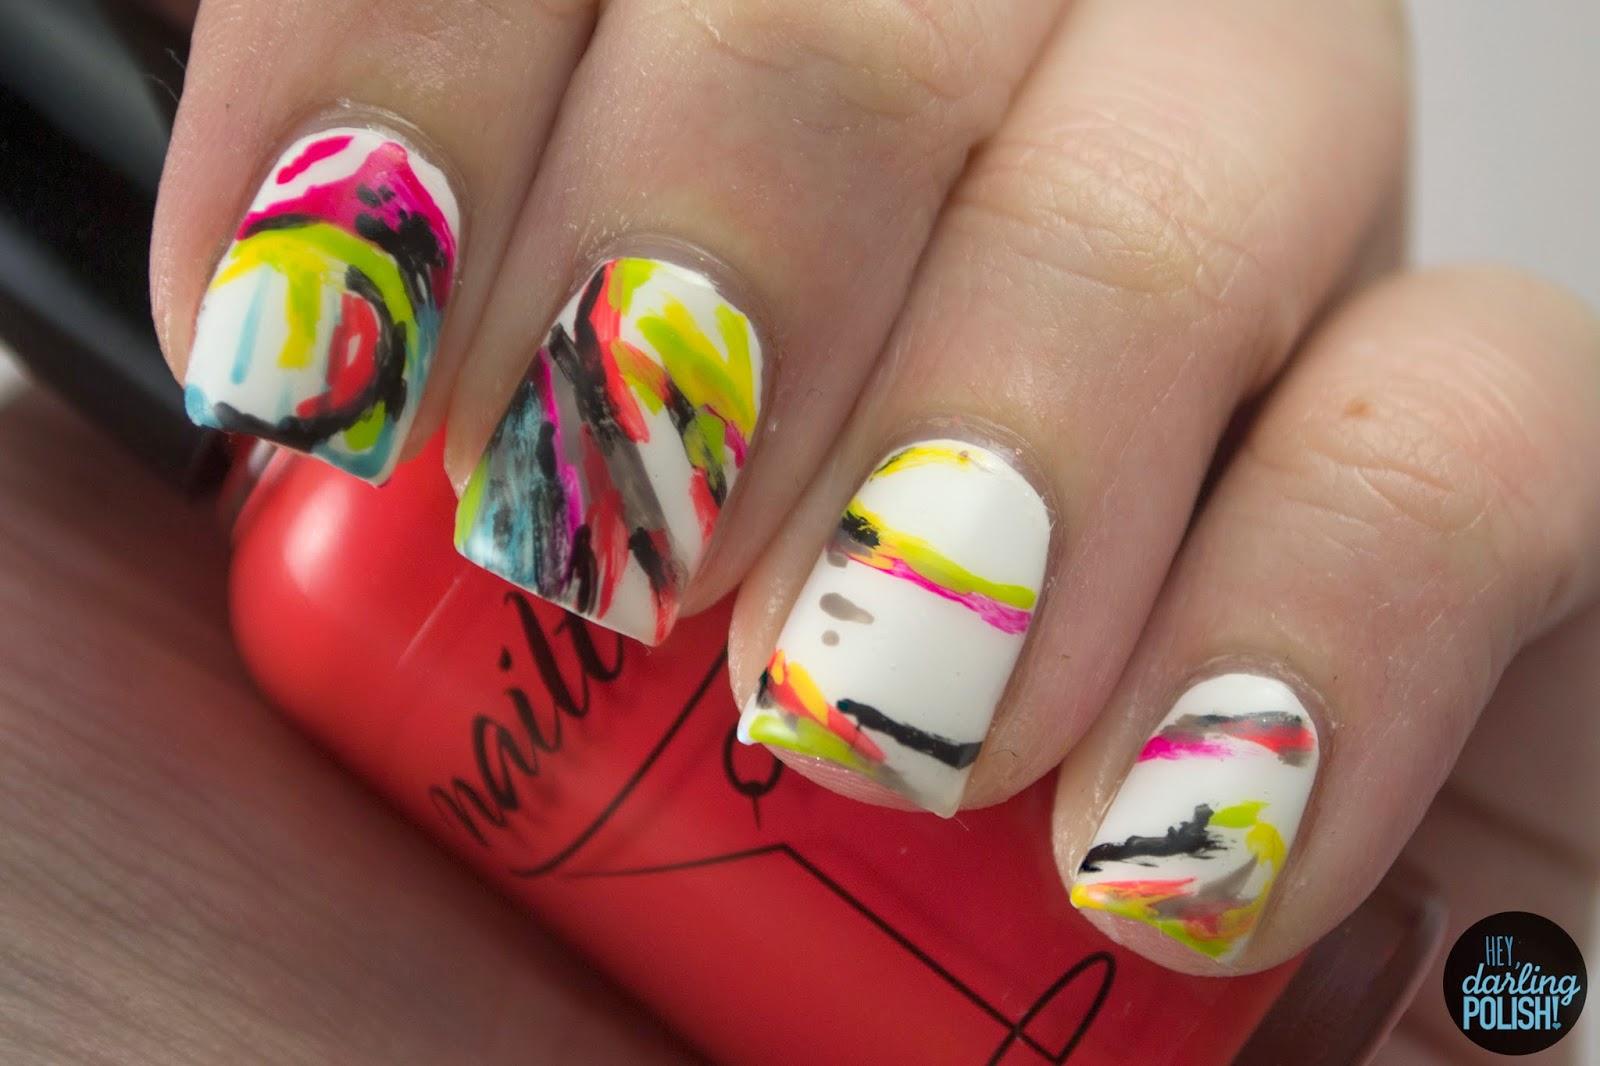 nails, nail art, nail polish, polish, hey darling polish, music monday, ivory,